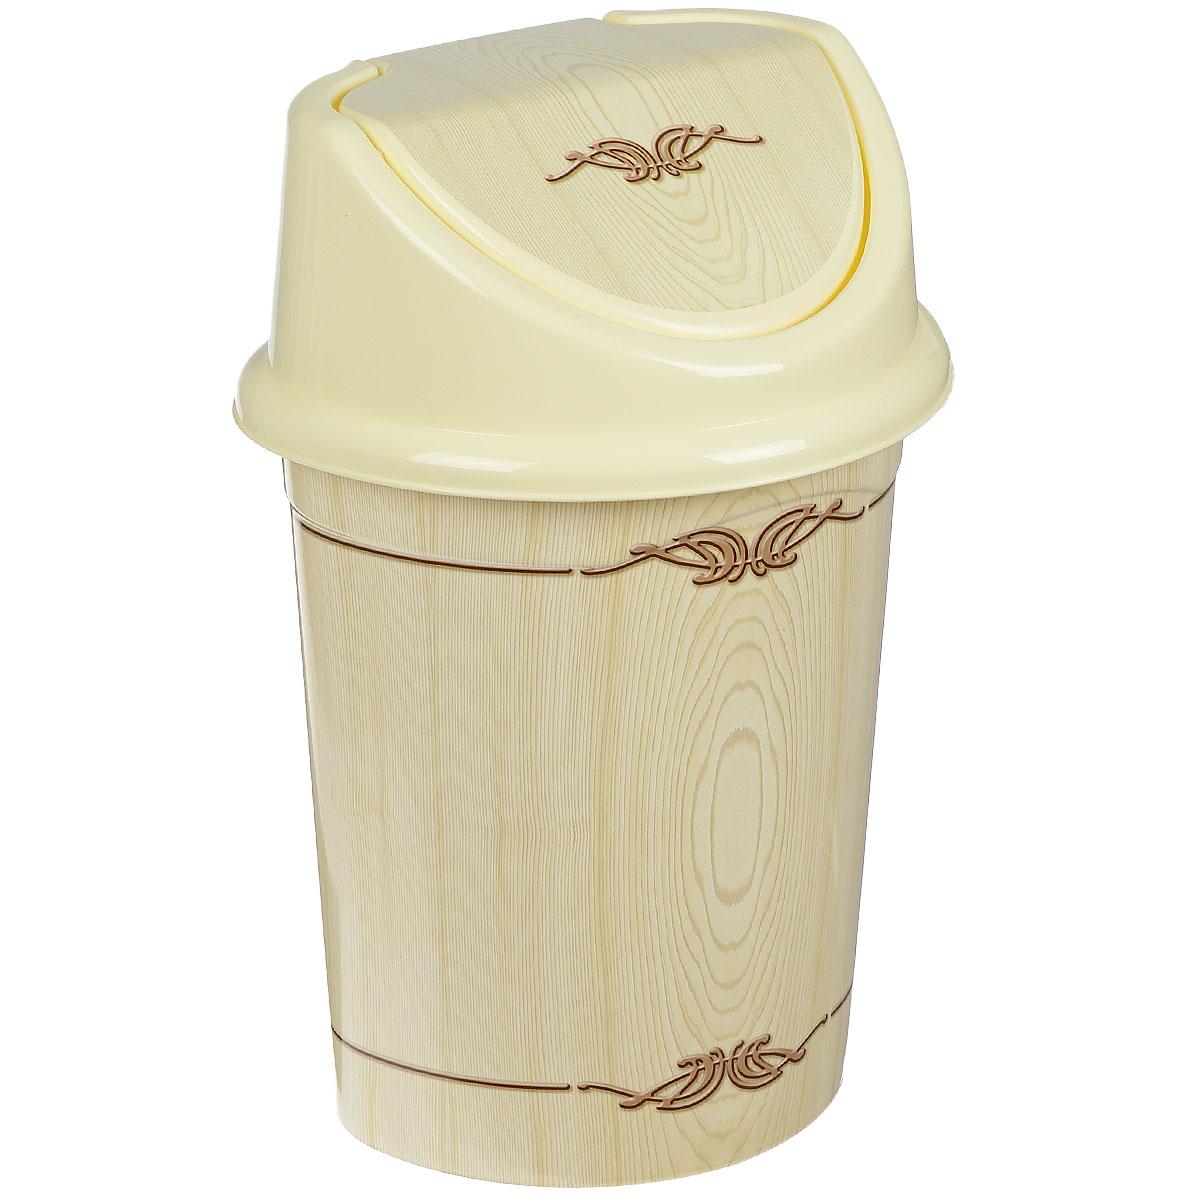 Контейнер для мусора Violet Беленый дуб, цвет: слоновая кость, коричневый, 14 л531-105Контейнер для мусора Violet Беленый дуб изготовлен из прочного пластика. Контейнер снабжен удобной съемной крышкой с подвижной перегородкой. В нем удобно хранить мелкий мусор. Благодаря лаконичному дизайну такой контейнер идеально впишется в интерьер и дома, и офиса.Высота контейнера без крышки: 33,5 см.